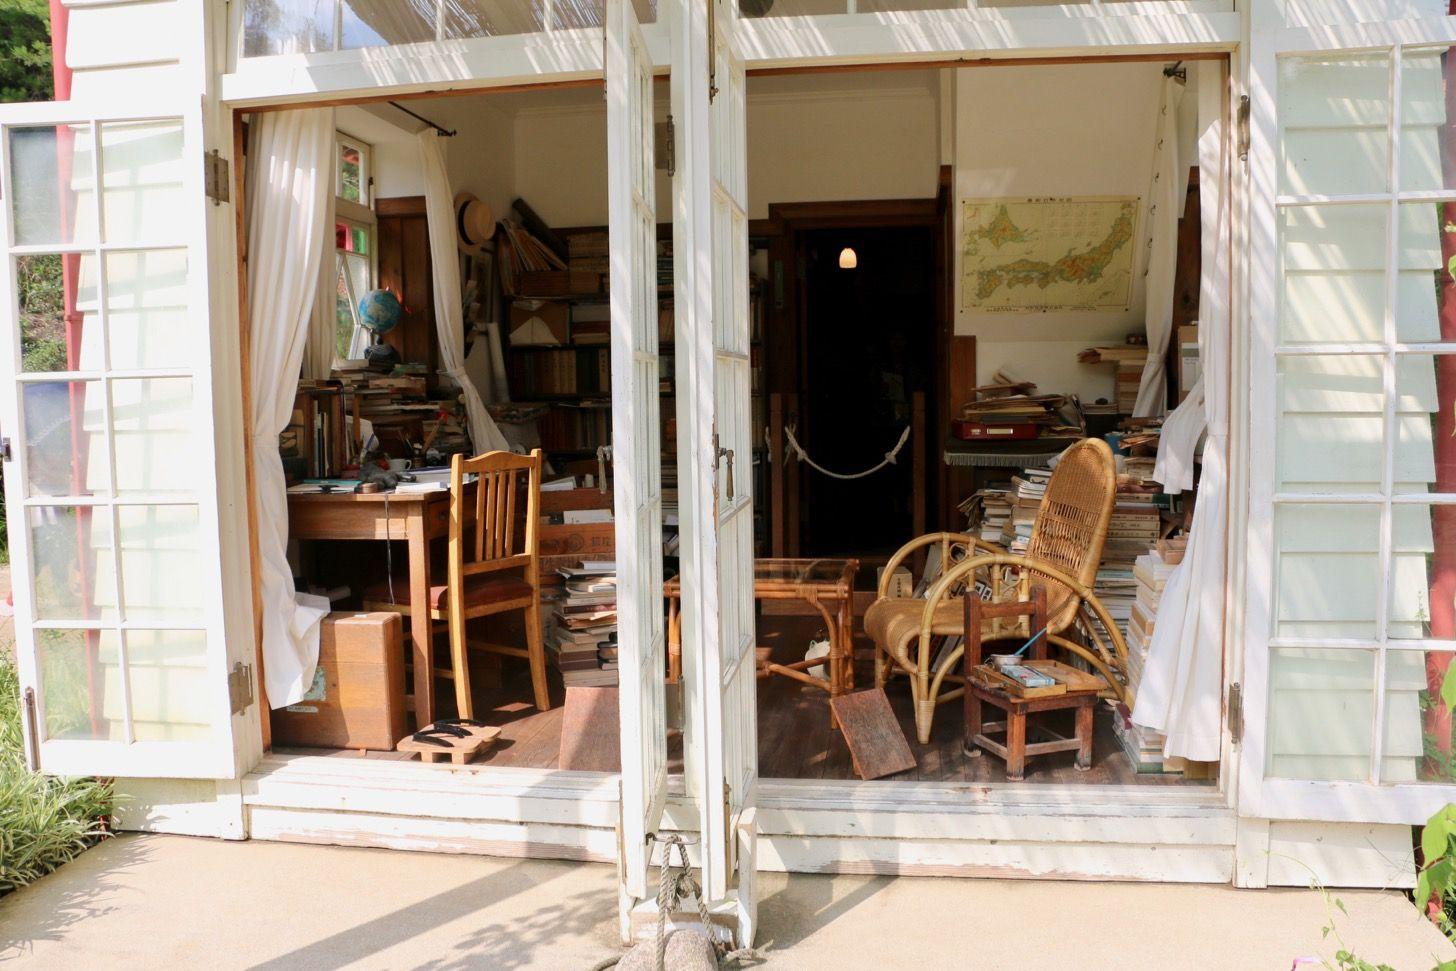 サツキとメイの家 ジブリパーク予定地の愛 地球博記念公園をさんぽ トトロ の世界観に入り込めて感動 サツキとメイの家 インテリア 間取り 家